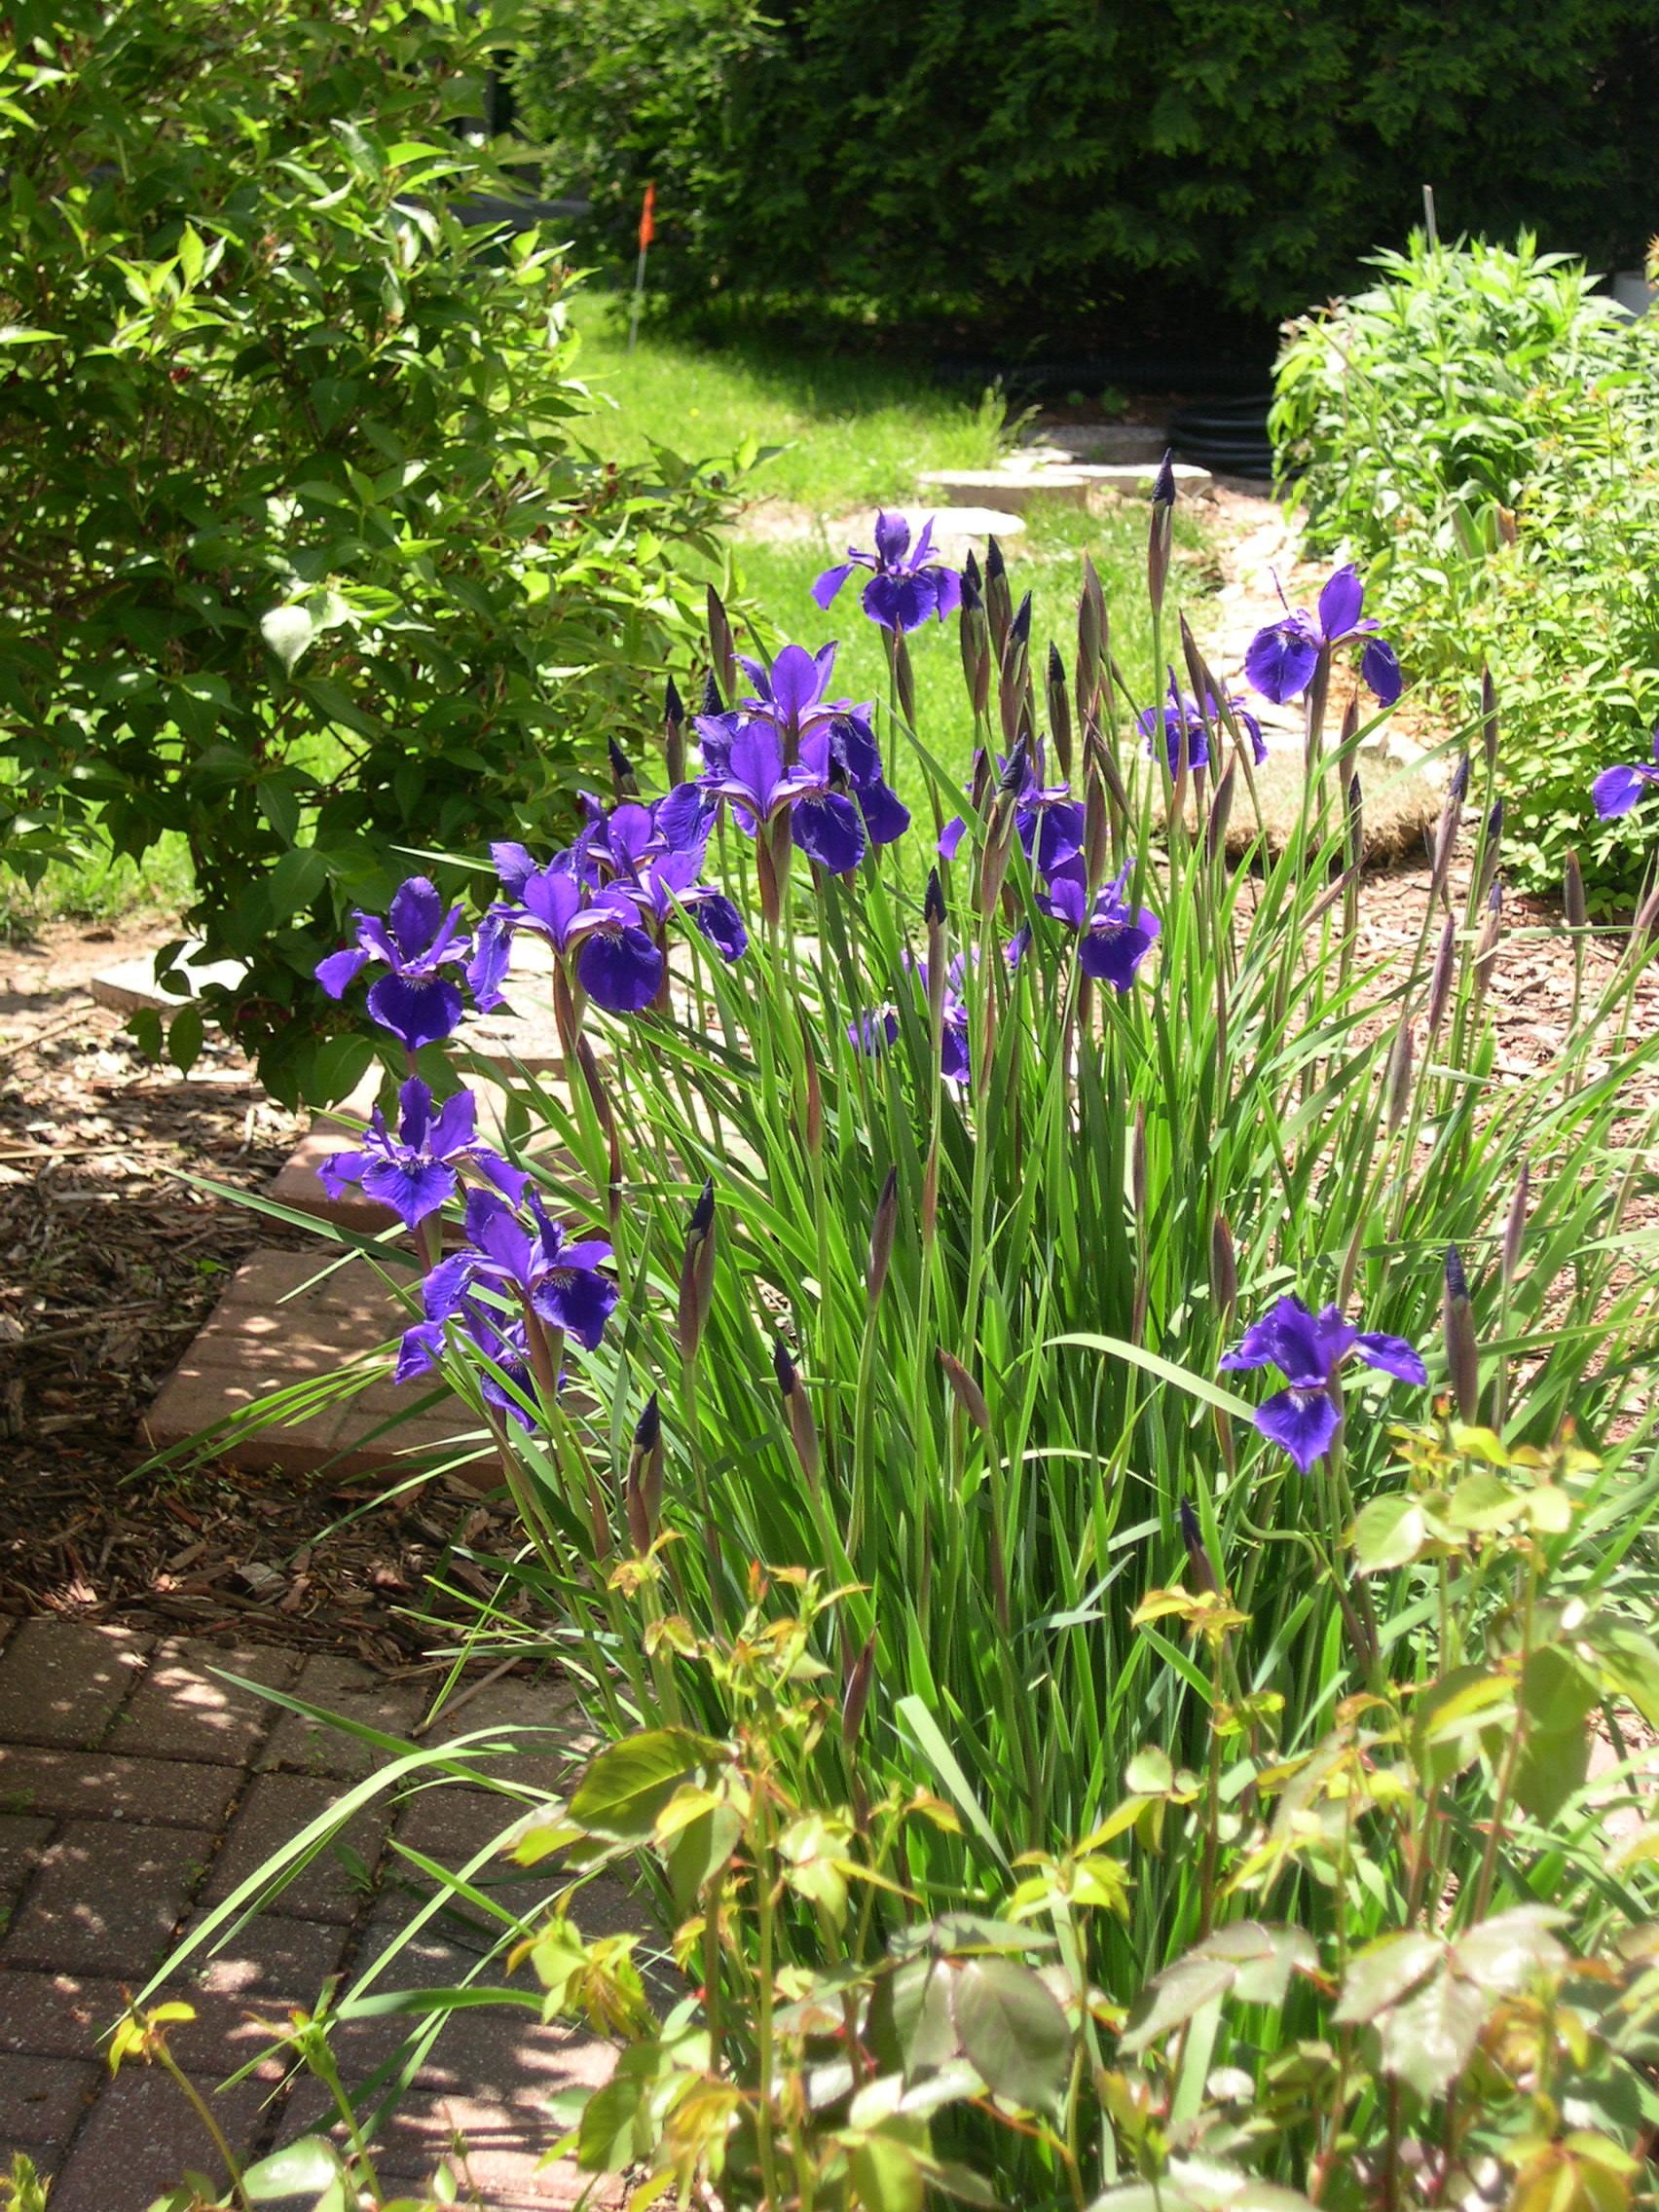 Siberian Irises getting bigger